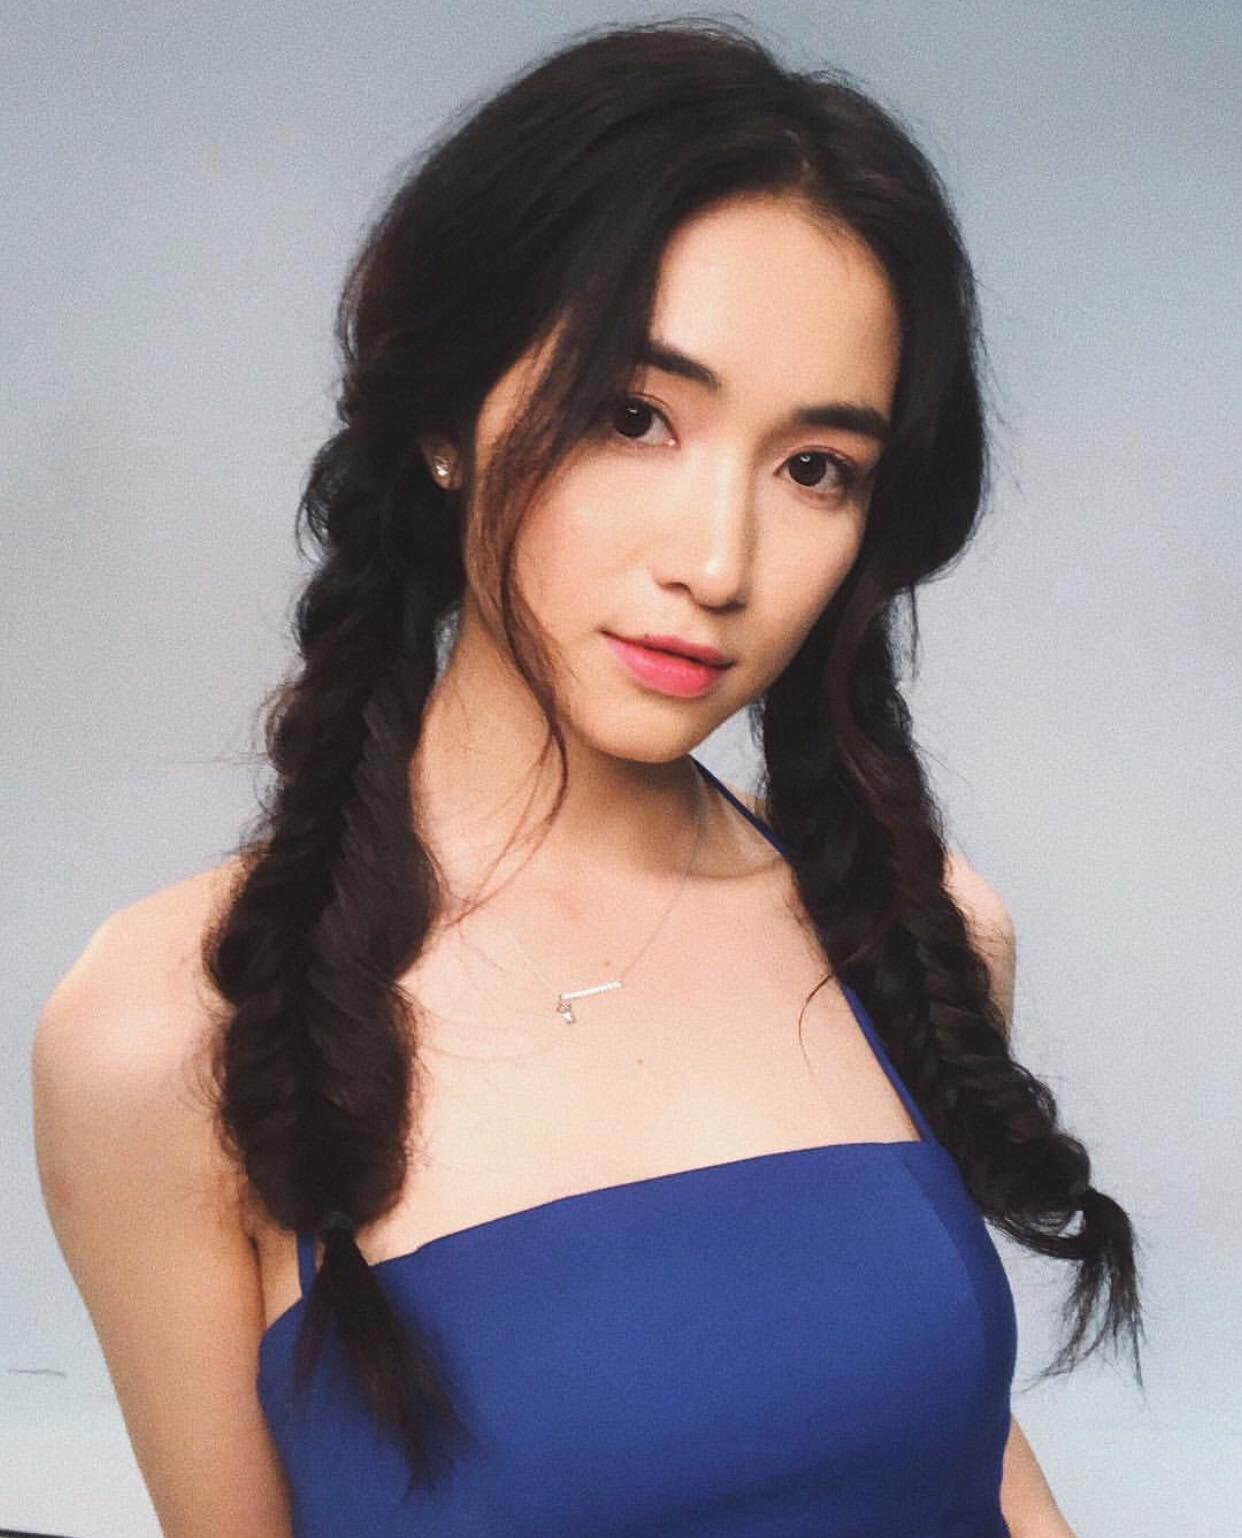 Kiểu tóc tưởng quê mùa, lỗi mốt bỗng dưng trở lại khiến người đẹp Việt mê mệt-4